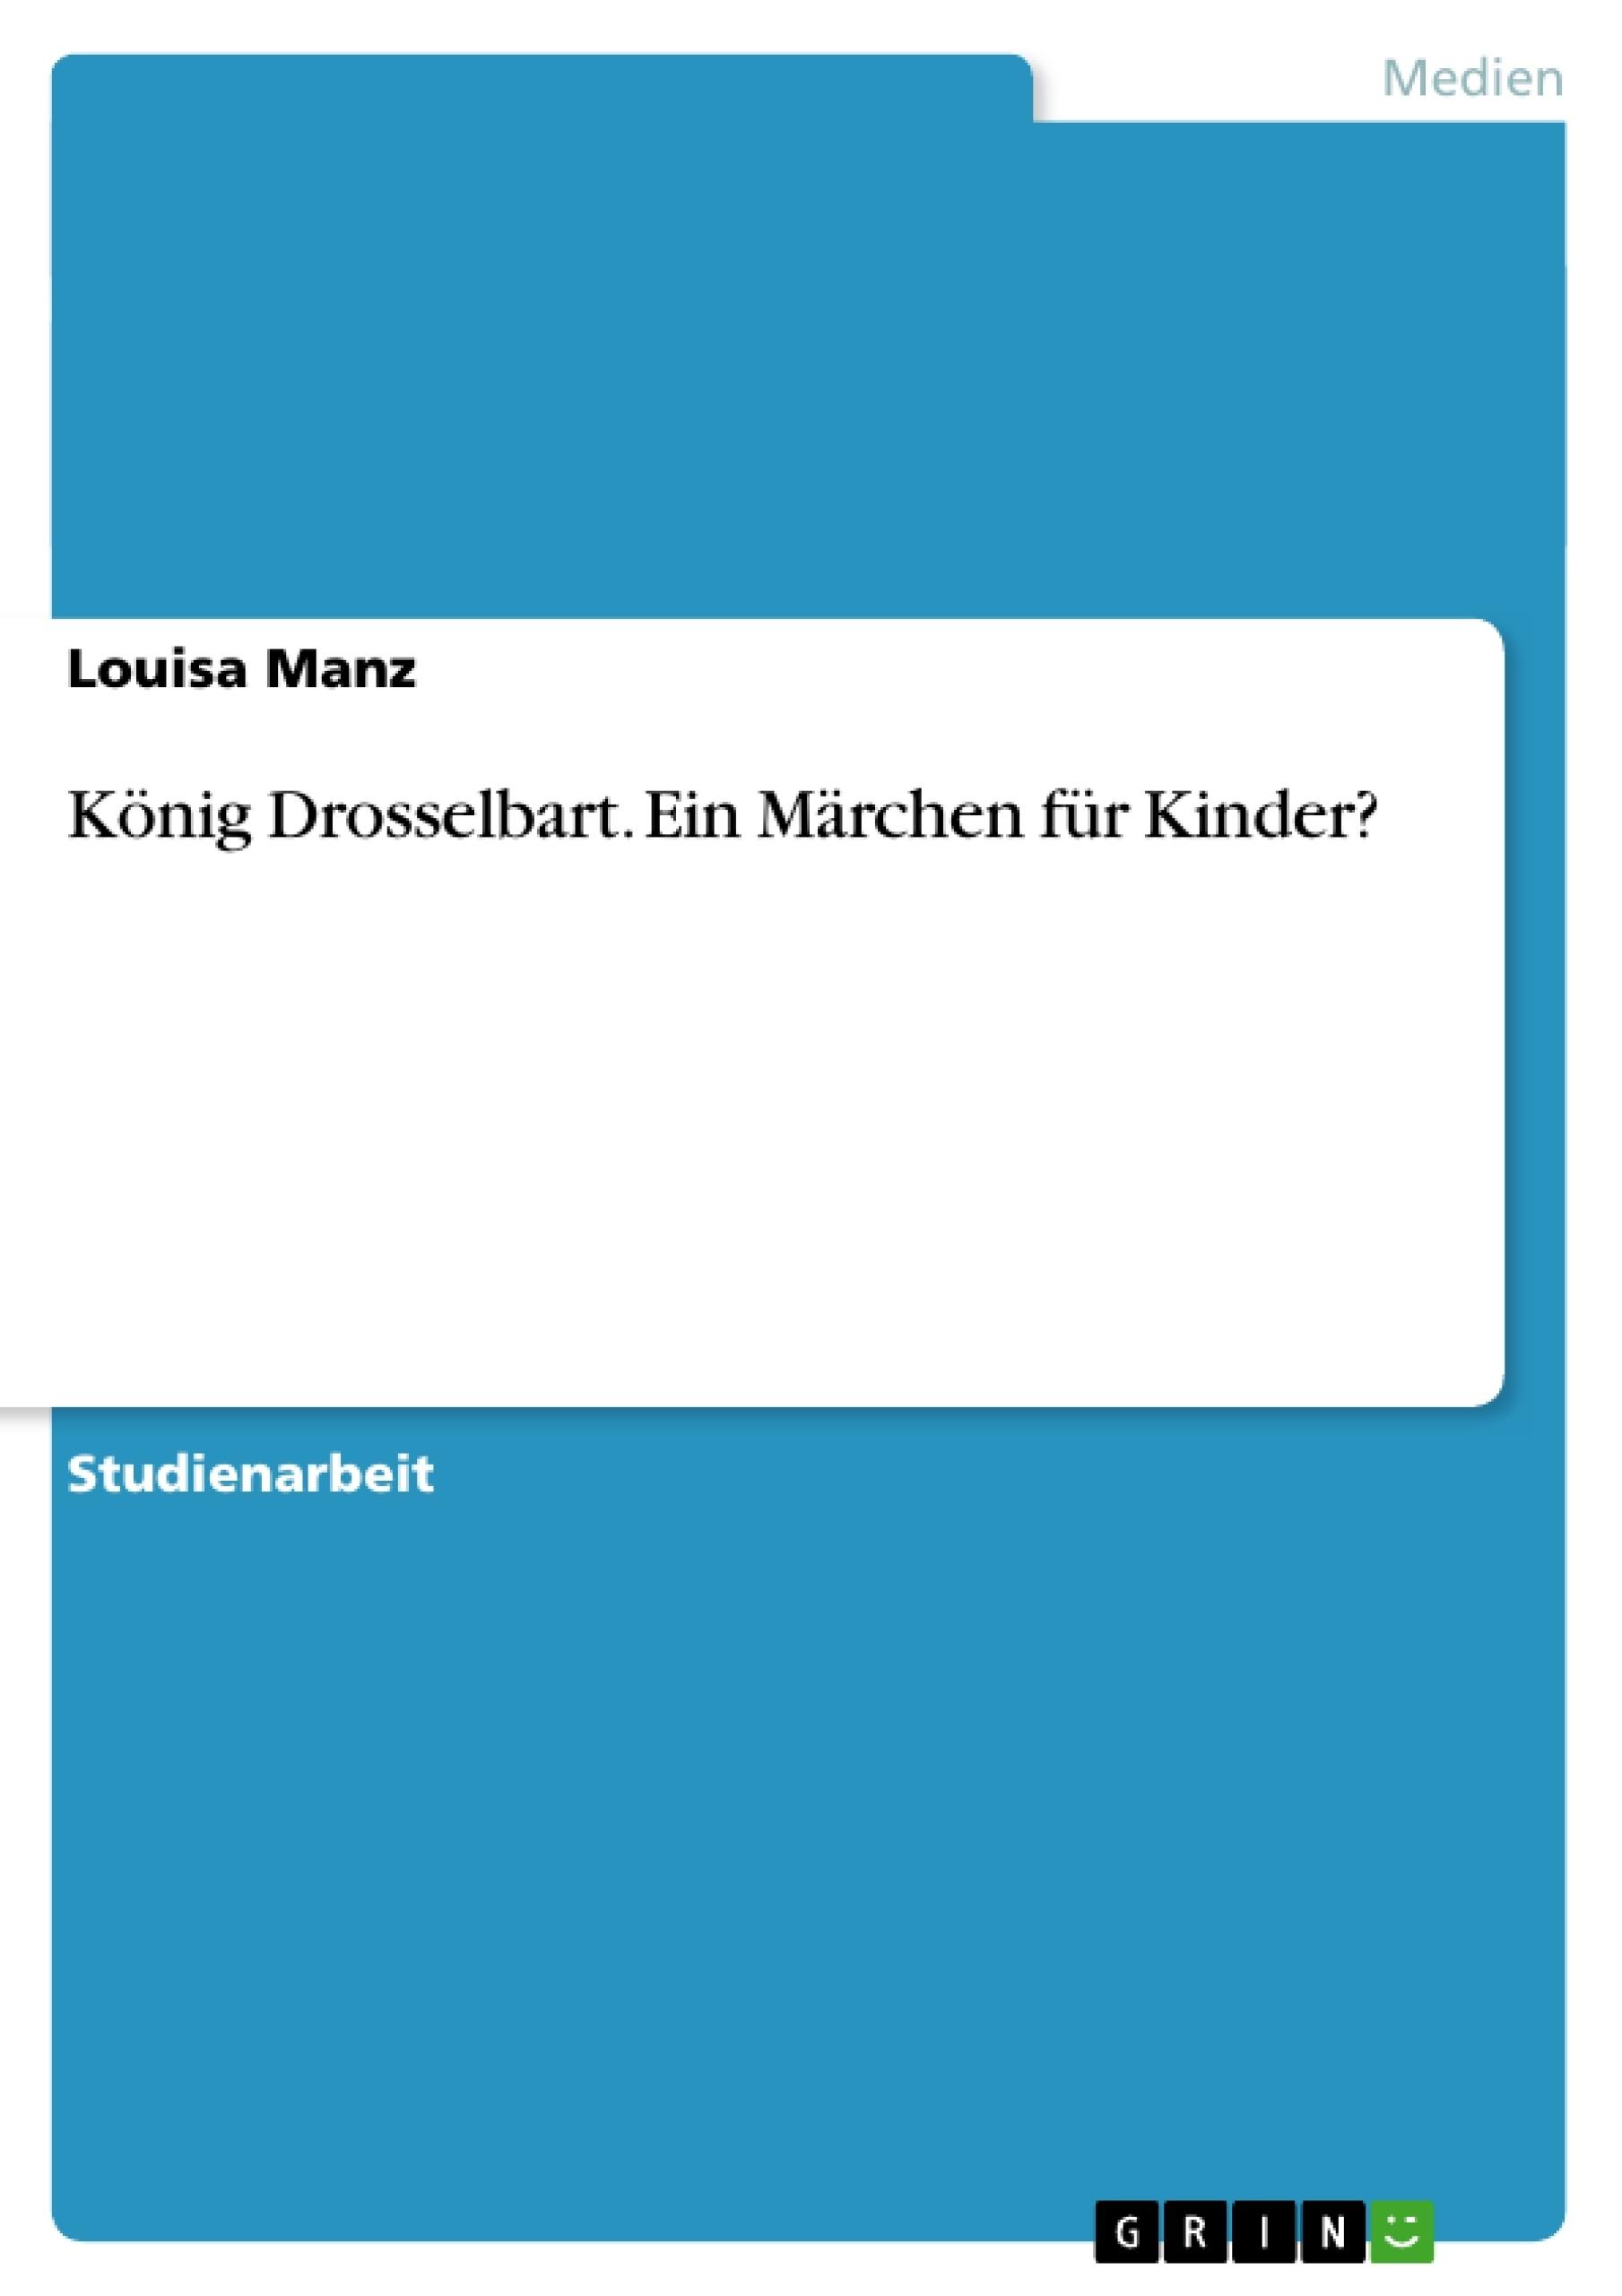 Titel: König Drosselbart. Ein Märchen für Kinder?